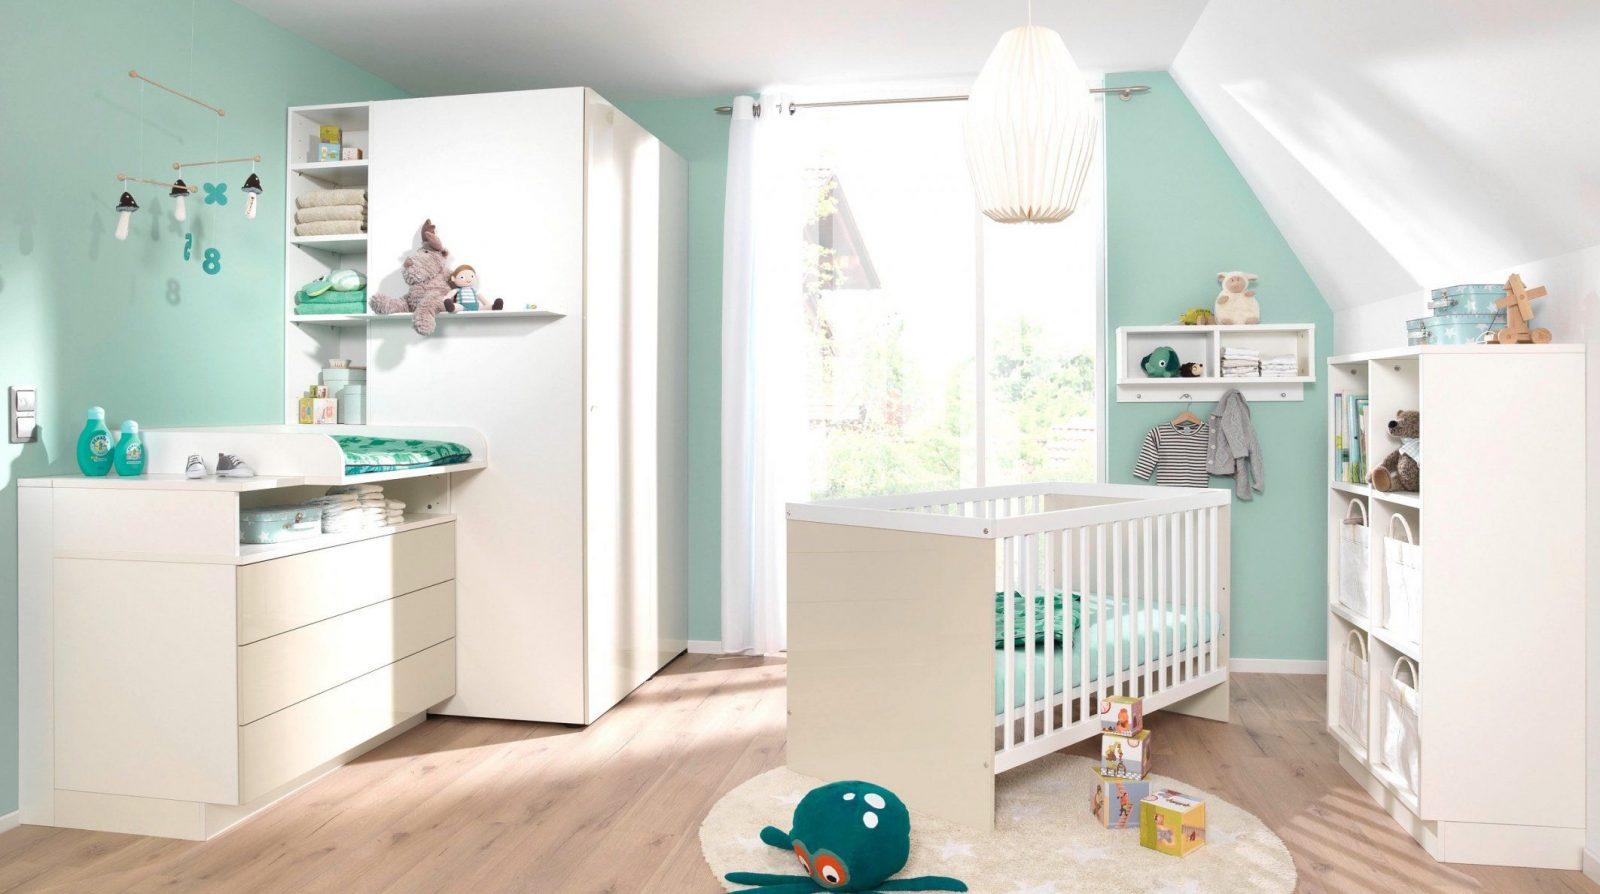 Wohnideen  Wanddeko Kinderzimmer Selber Machen Auch Frisch von Wanddeko Babyzimmer Selber Machen Photo